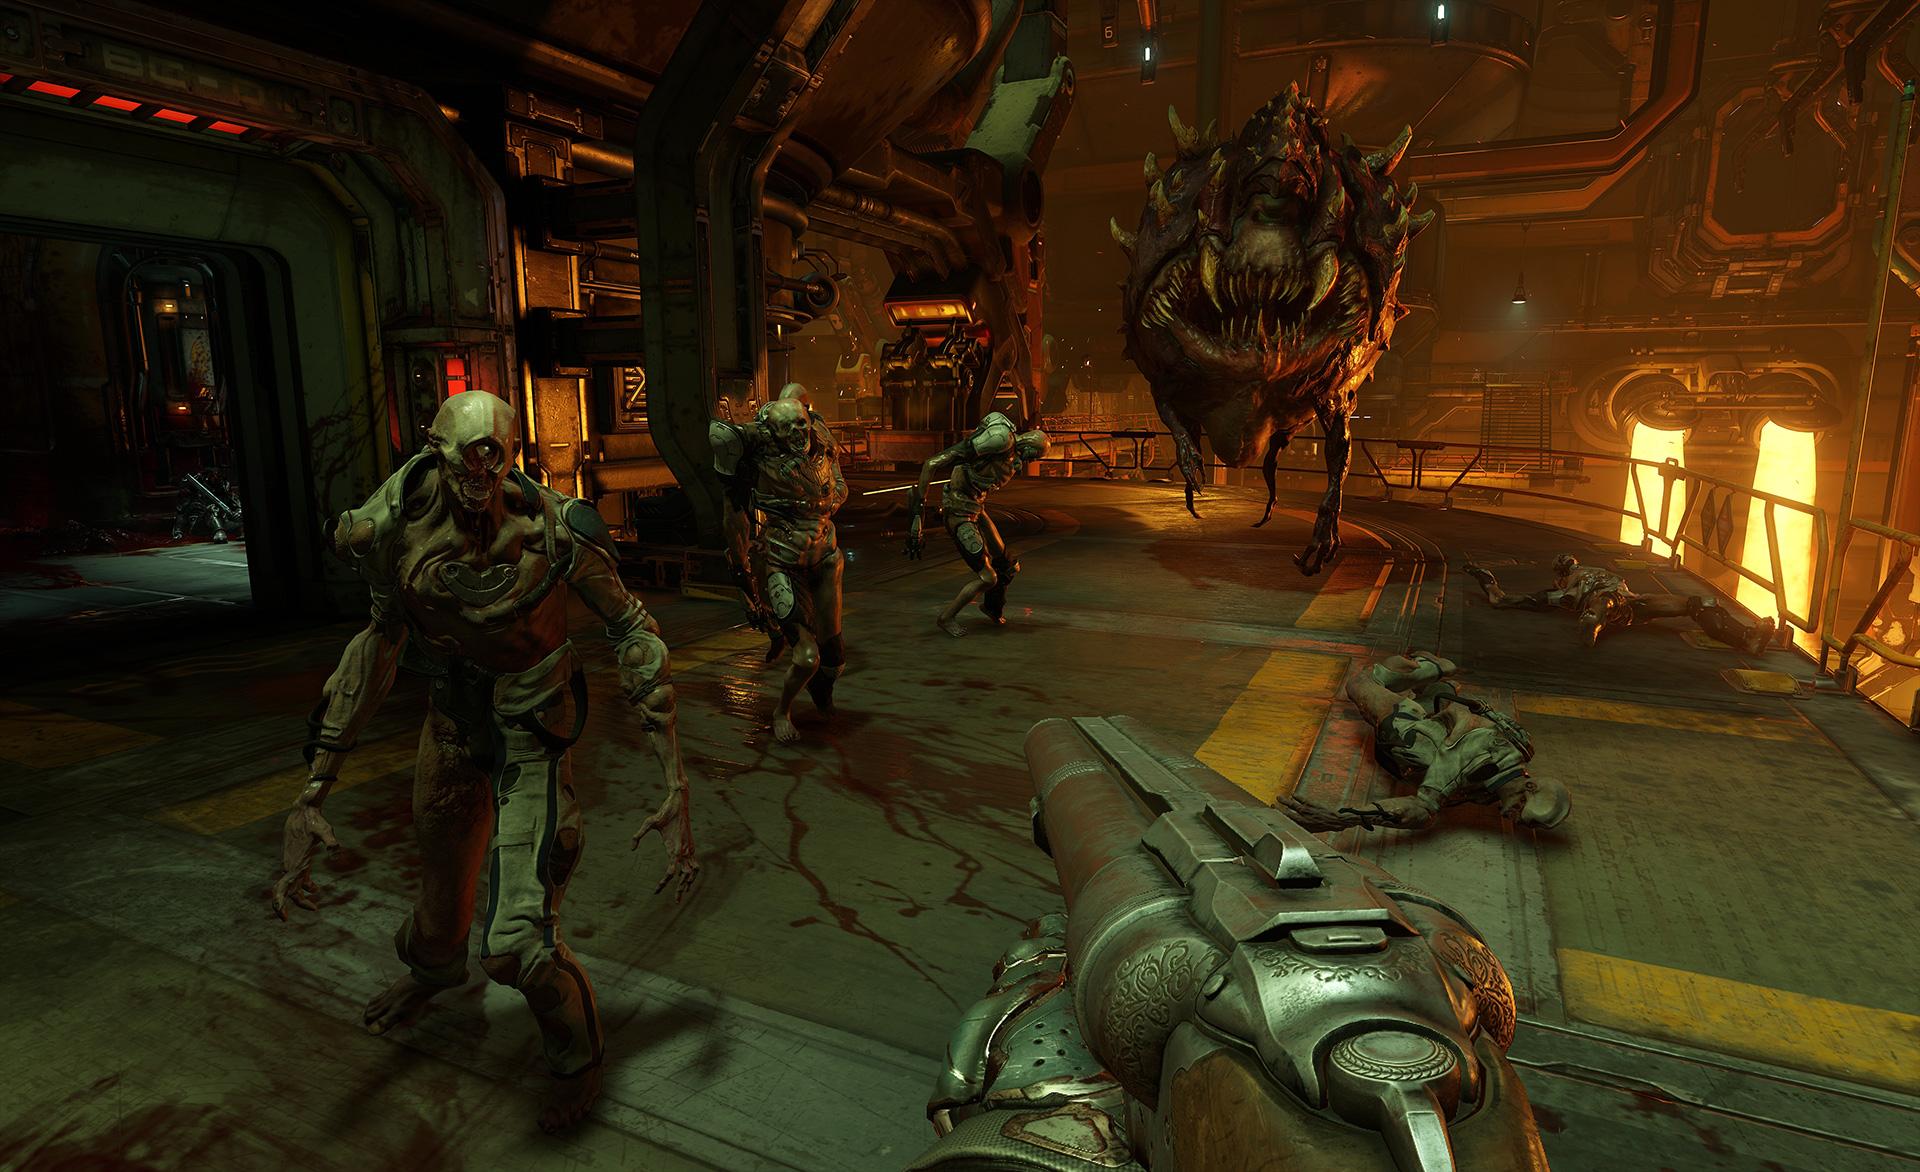 Doom - Mit der Doppelläufigen Schrotflinte